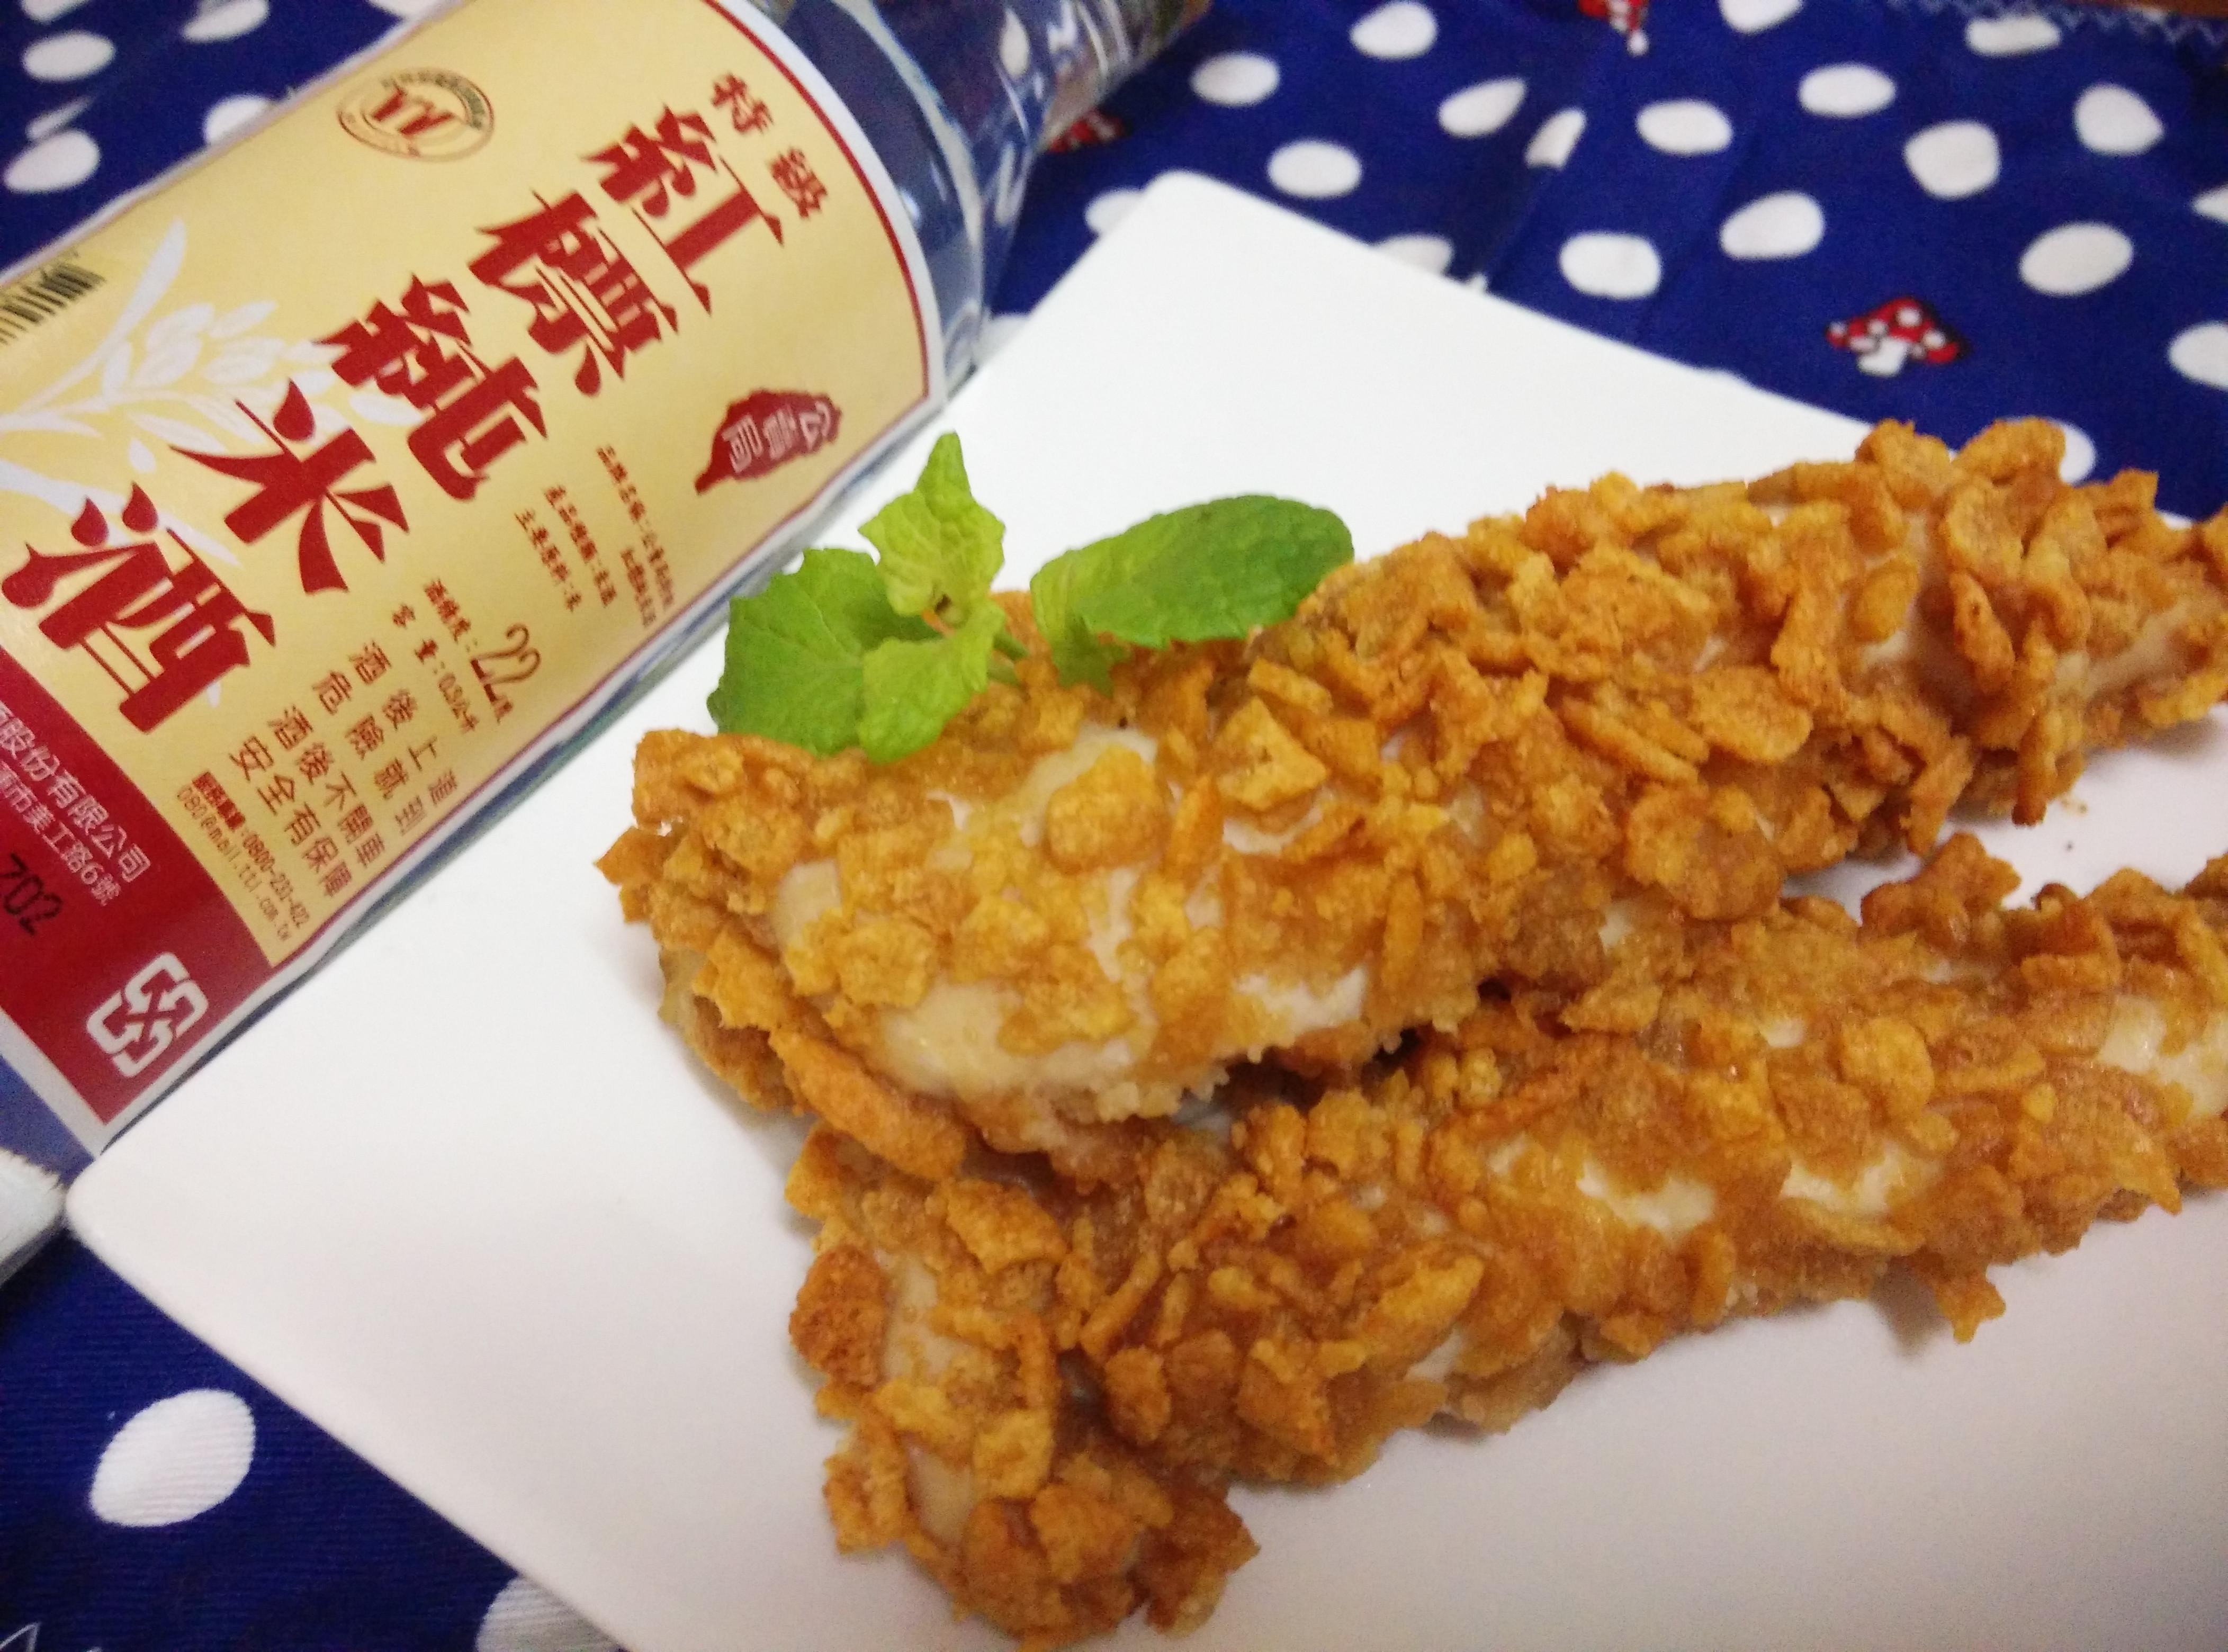 烤箱料理─偽炸雞柳條【萬里飄香靠這味】